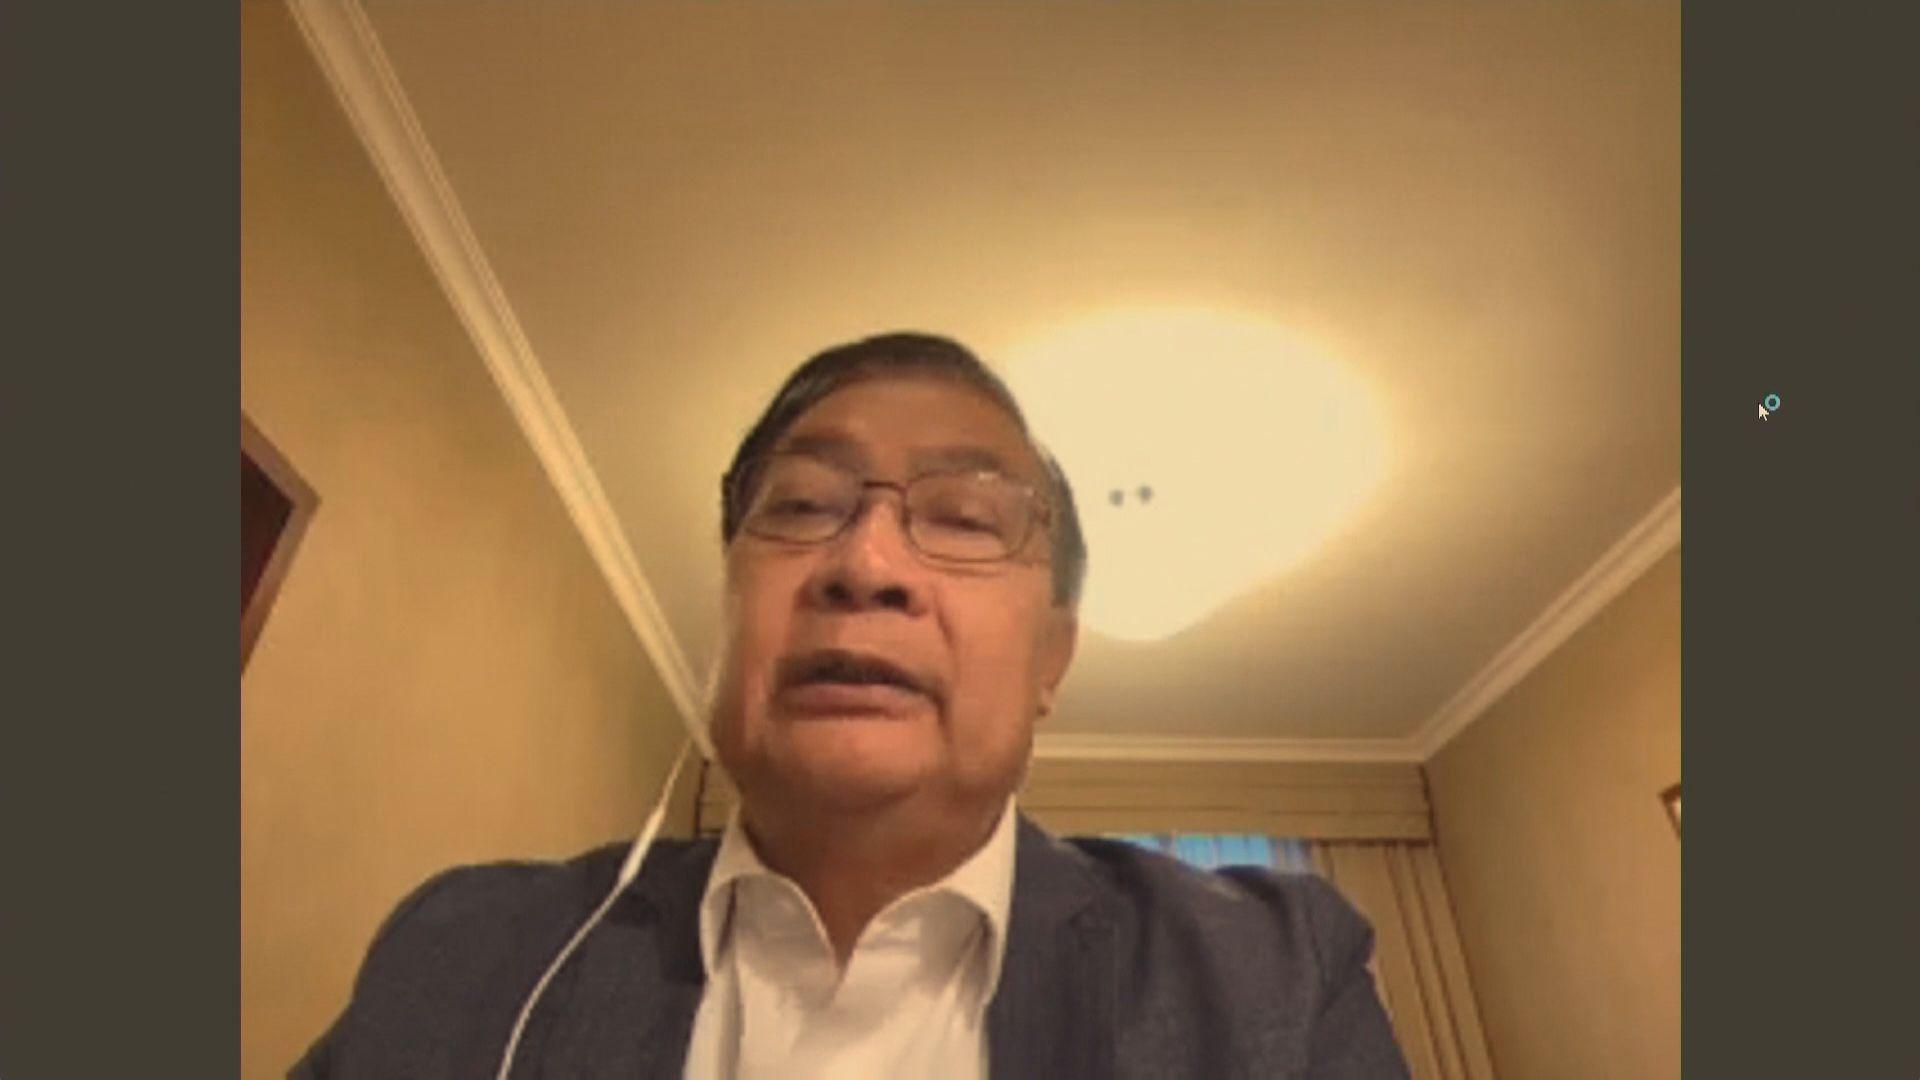 譚耀宗相信展示龍獅旗或違香港國安法